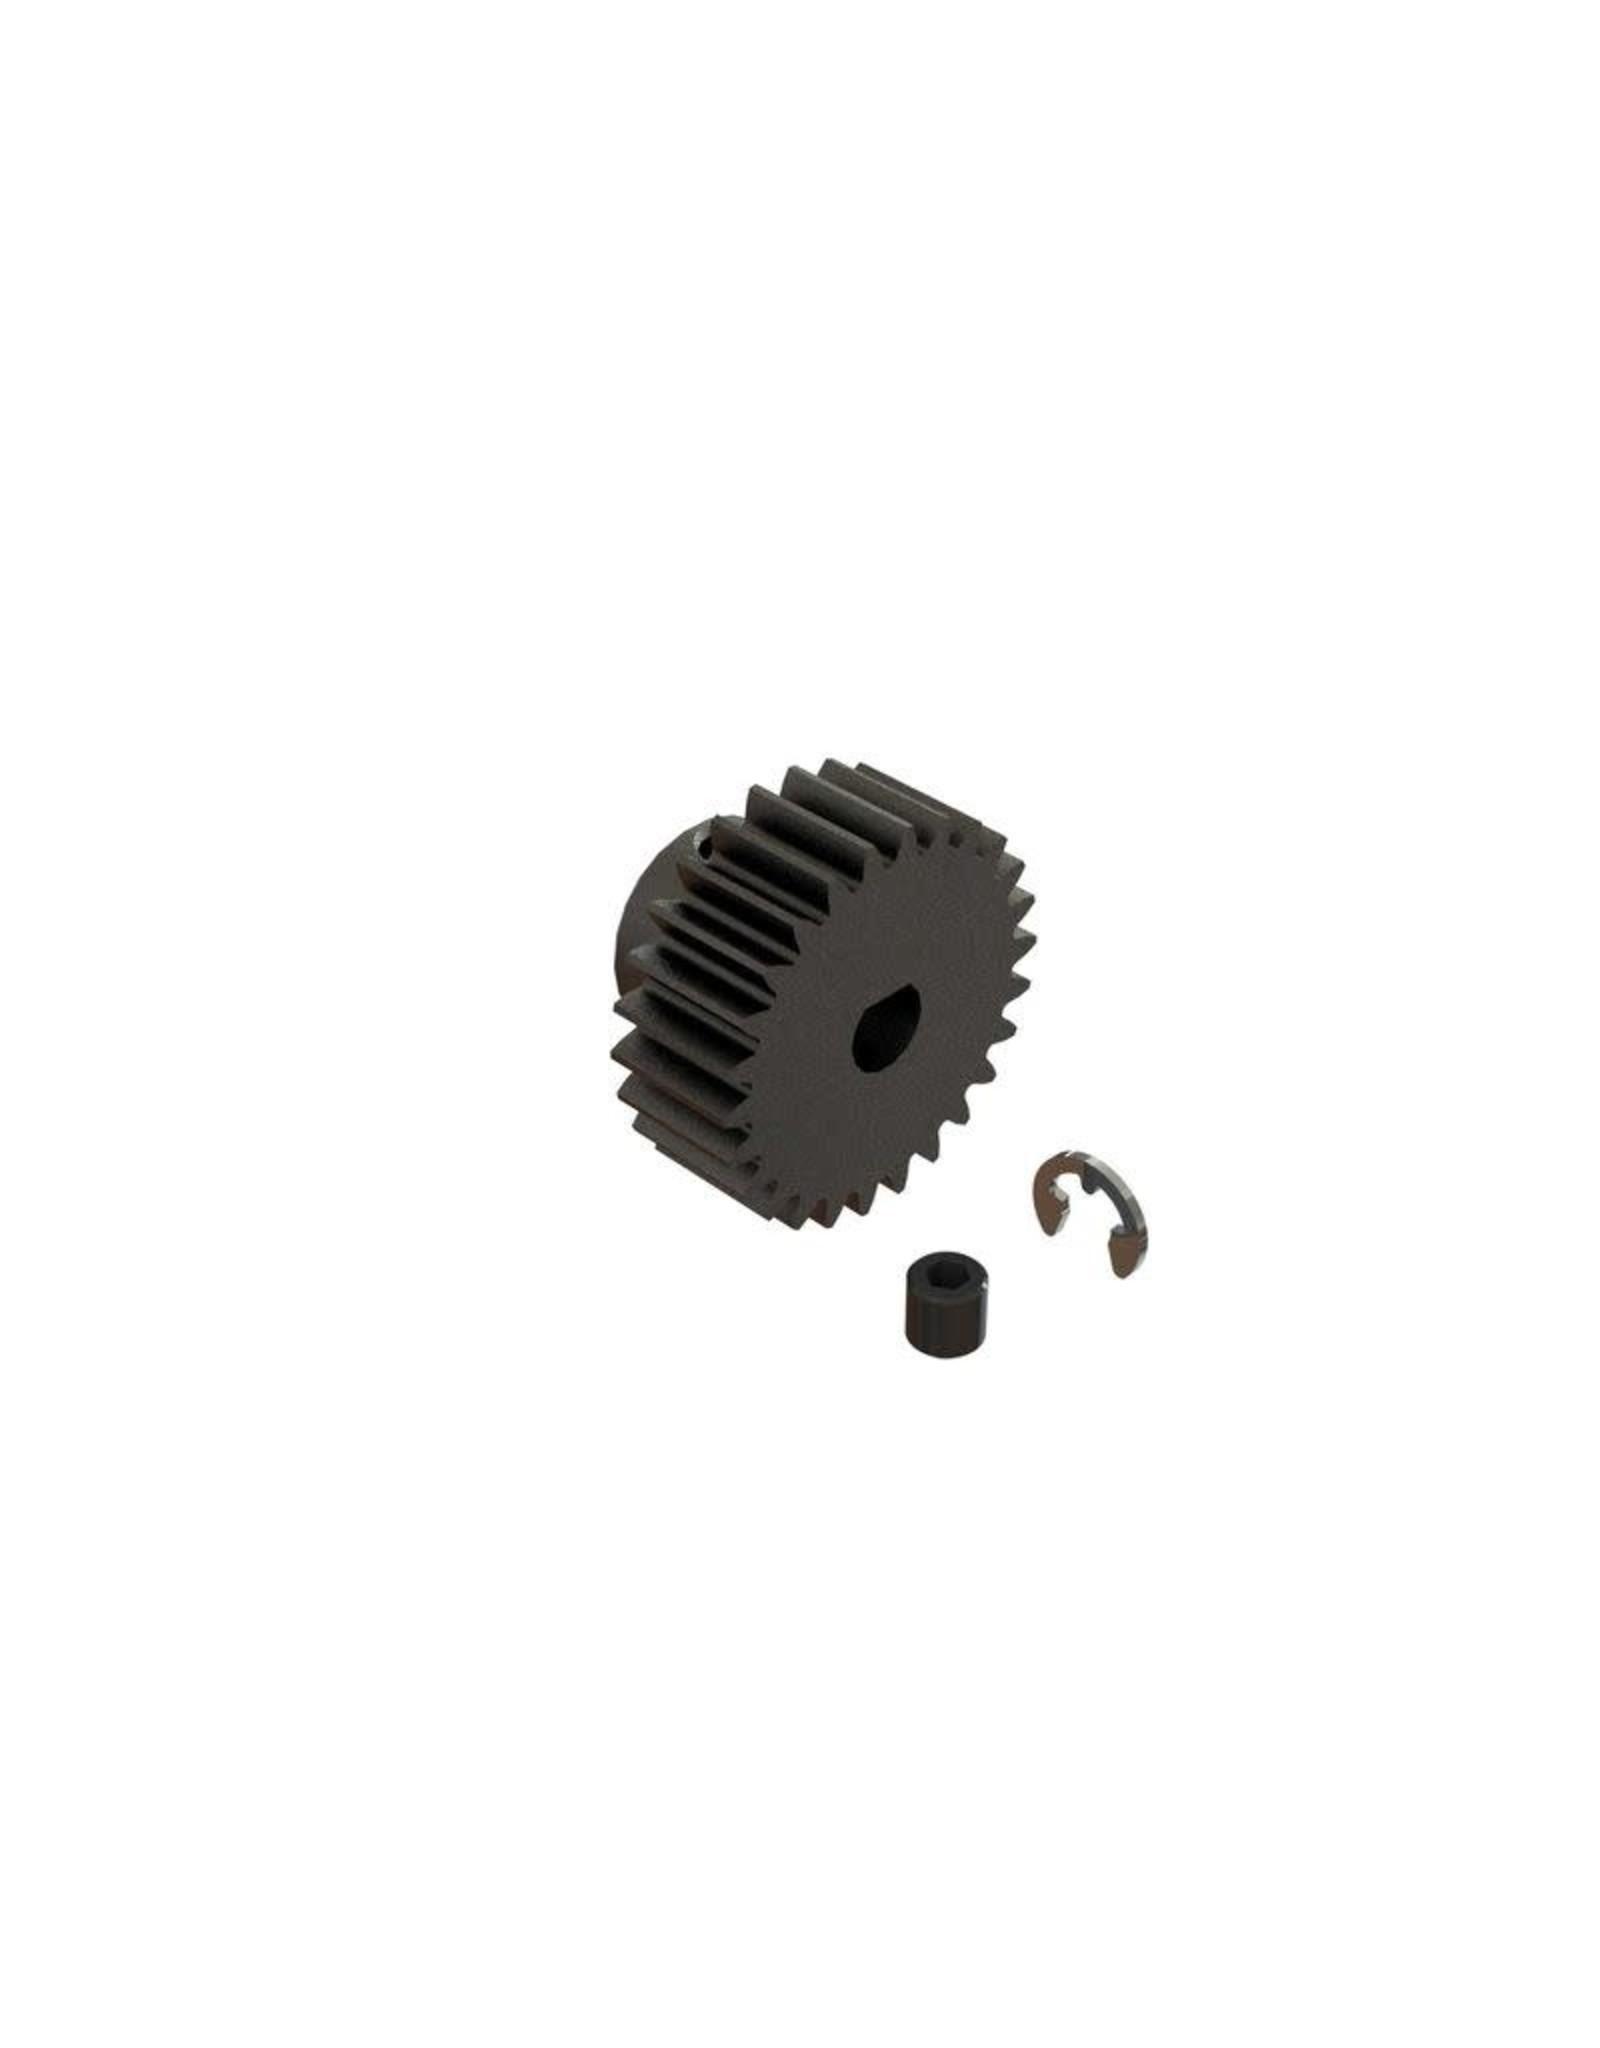 ARRMA 26T 0.8Mod Safe-D5 Pinion Gear